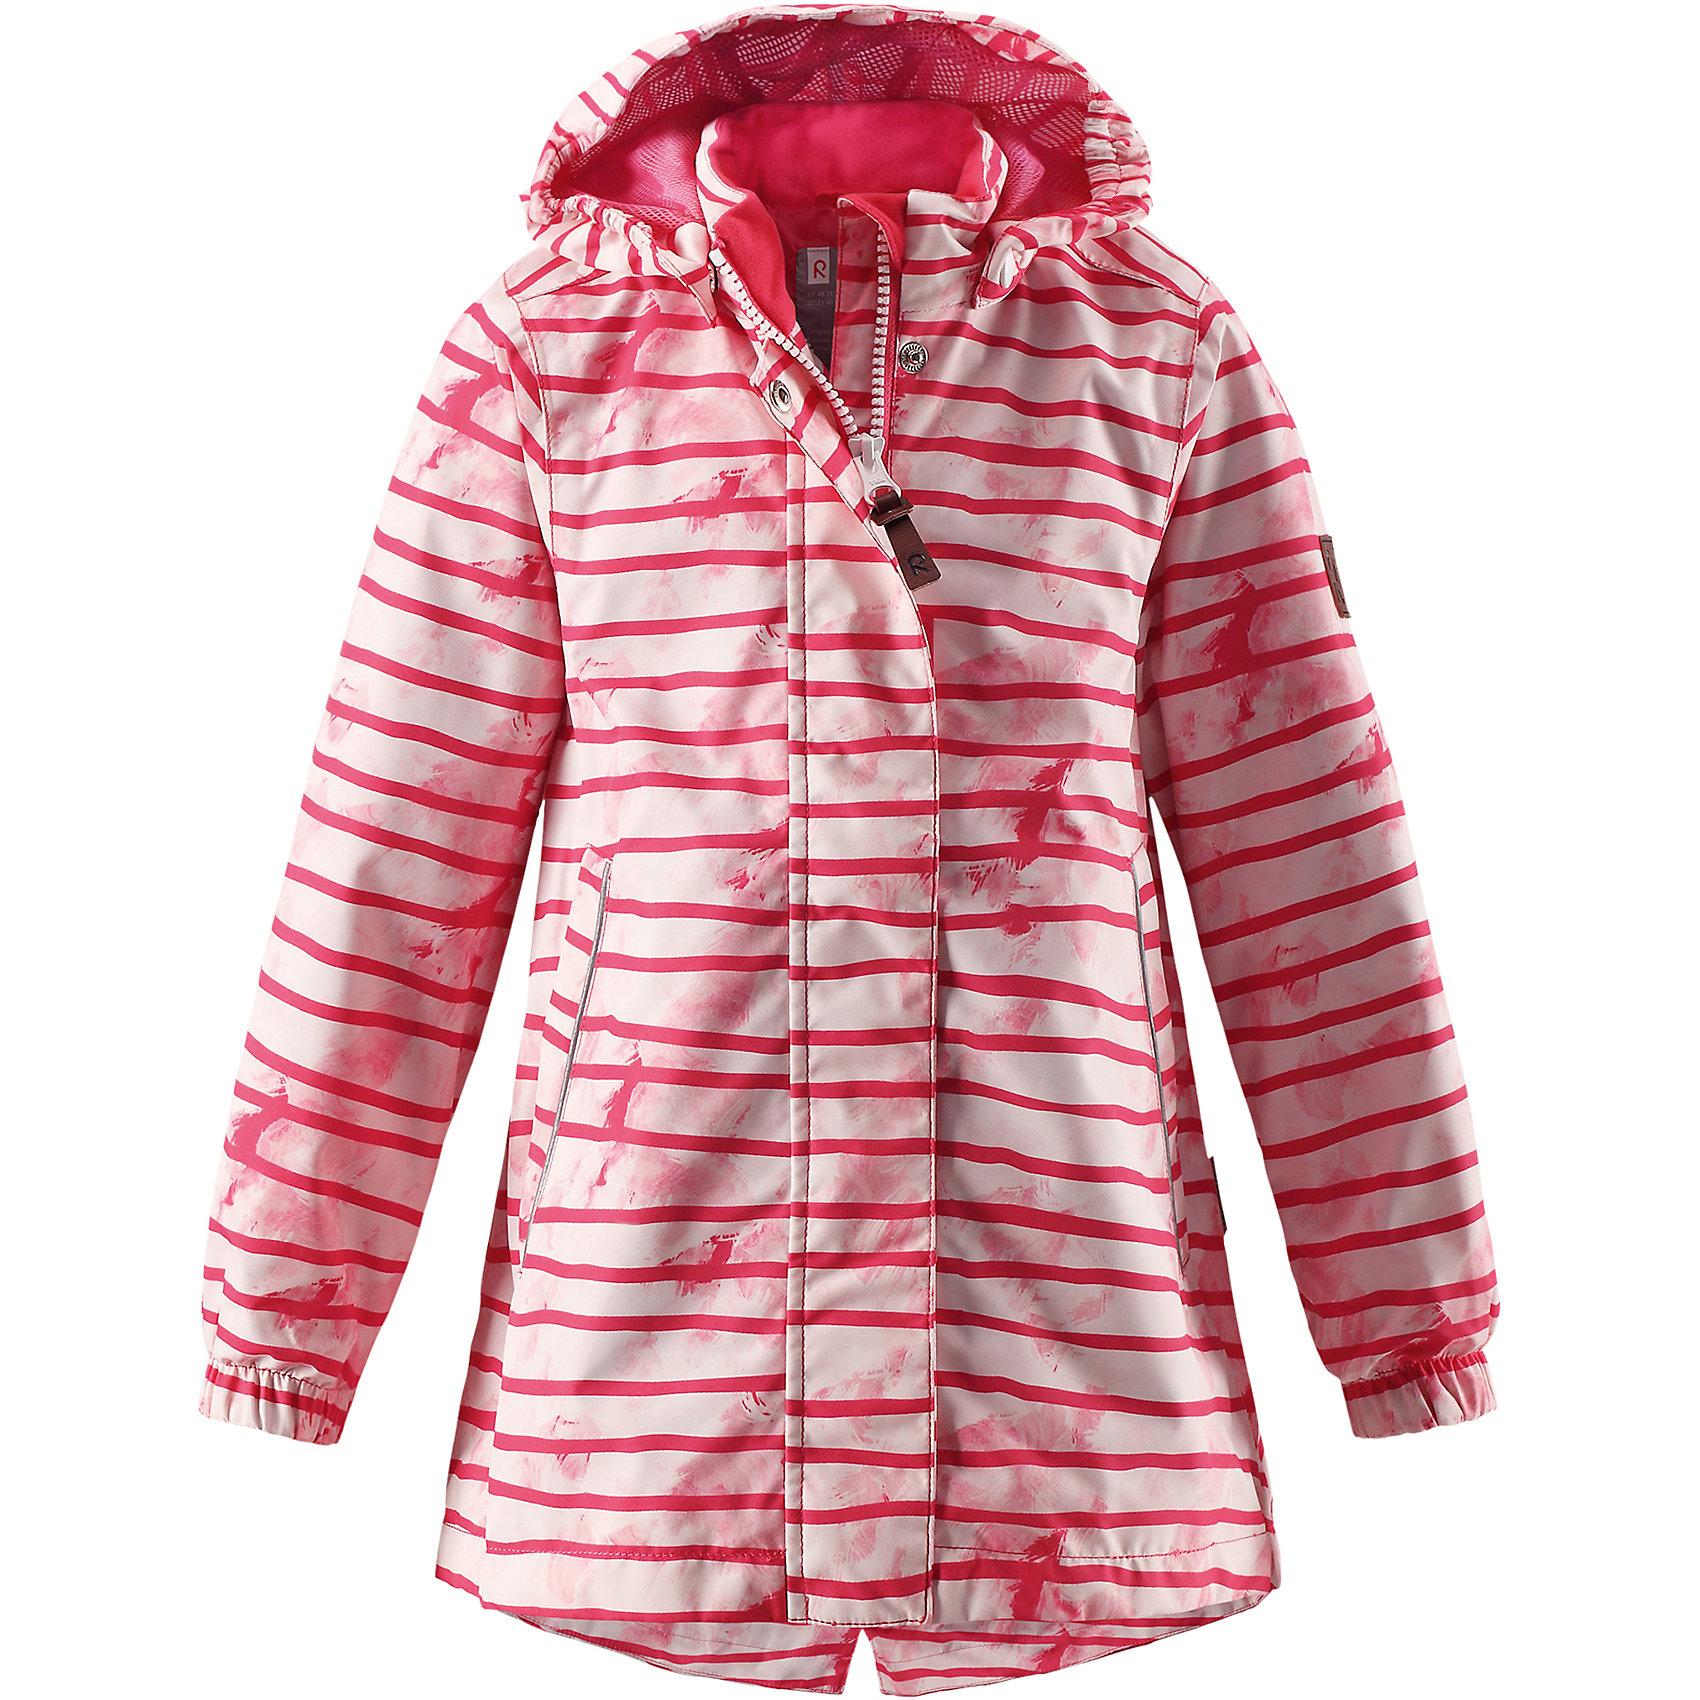 Куртка Kimalle для девочки Reimatec® ReimaХарактеристики товара:<br><br>• цвет: розовый<br>• состав: 100% полиэстер, полиуретановое покрытие<br>• температурный режим: от +5° до +15°С<br>• водонепроницаемость: 5000 мм<br>• воздухопроницаемость: 3000 мм<br>• износостойкость: 15000 циклов (тест Мартиндейла)<br>• без утеплителя<br>• основные швы проклеены, водонепроницаемы<br>• водо- и ветронепроницаемый, дышащий, грязеотталкивающий материал<br>• удлиненная модель<br>• гладкая подкладка из полиэстера<br>• эластичные манжеты<br>• безопасный съёмный капюшон<br>• талия регулируется изнутри<br>• два прорезных кармана<br>• светоотражающие детали<br>• комфортная посадка<br>• страна производства: Китай<br>• страна бренда: Финляндия<br>• коллекция: весна-лето 2017<br><br>В межсезонье верхняя одежда для детей может быть модной и комфортной одновременно! Демисезонная куртка поможет обеспечить ребенку комфорт и тепло. Она отлично смотрится с различной одеждой и обувью. Изделие удобно сидит и модно выглядит. Материал - прочный, хорошо подходящий для межсезонья, водо- и ветронепроницаемый, «дышащий». Стильный дизайн разрабатывался специально для детей.<br><br>Одежда и обувь от финского бренда Reima пользуется популярностью во многих странах. Эти изделия стильные, качественные и удобные. Для производства продукции используются только безопасные, проверенные материалы и фурнитура. Порадуйте ребенка модными и красивыми вещами от Reima! <br><br>Куртку для девочки Reimatec® от финского бренда Reima (Рейма) можно купить в нашем интернет-магазине.<br><br>Ширина мм: 356<br>Глубина мм: 10<br>Высота мм: 245<br>Вес г: 519<br>Цвет: розовый<br>Возраст от месяцев: 48<br>Возраст до месяцев: 60<br>Пол: Женский<br>Возраст: Детский<br>Размер: 110,128,134,140,116,152,122,146,104<br>SKU: 5270623